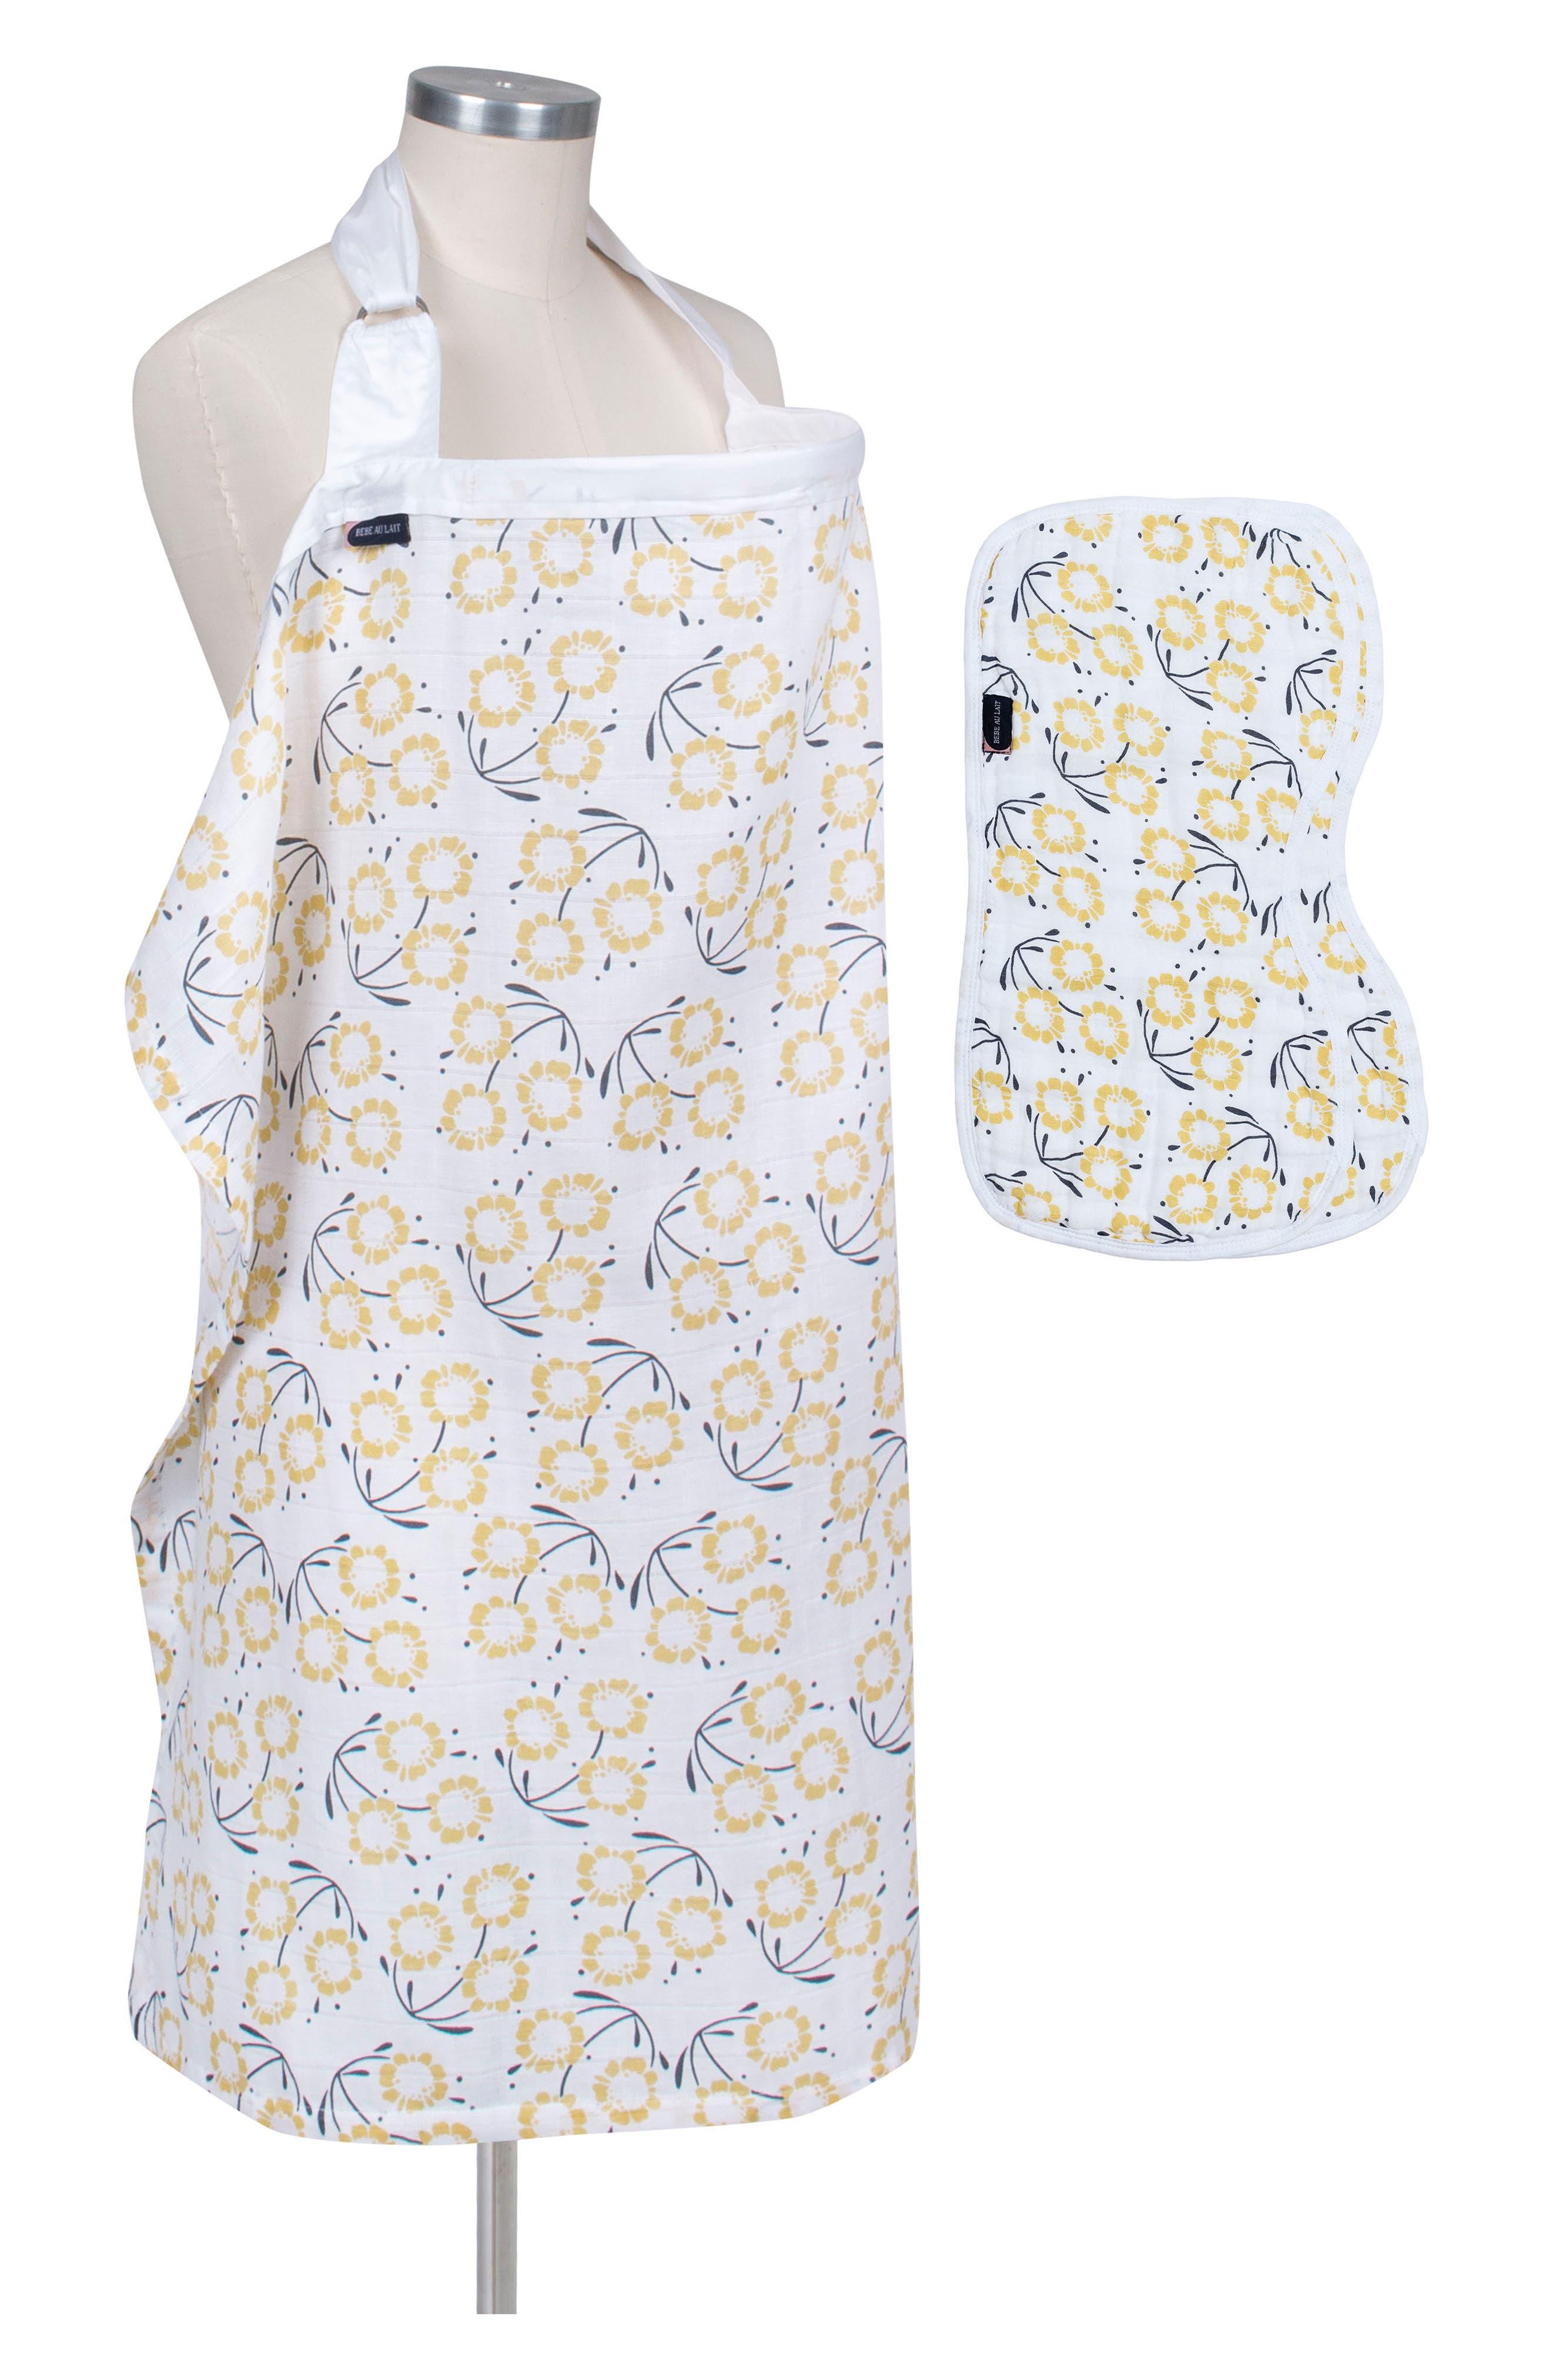 Nursing Cover & Burp Cloth Set,                         Main,                         color, Sorrento